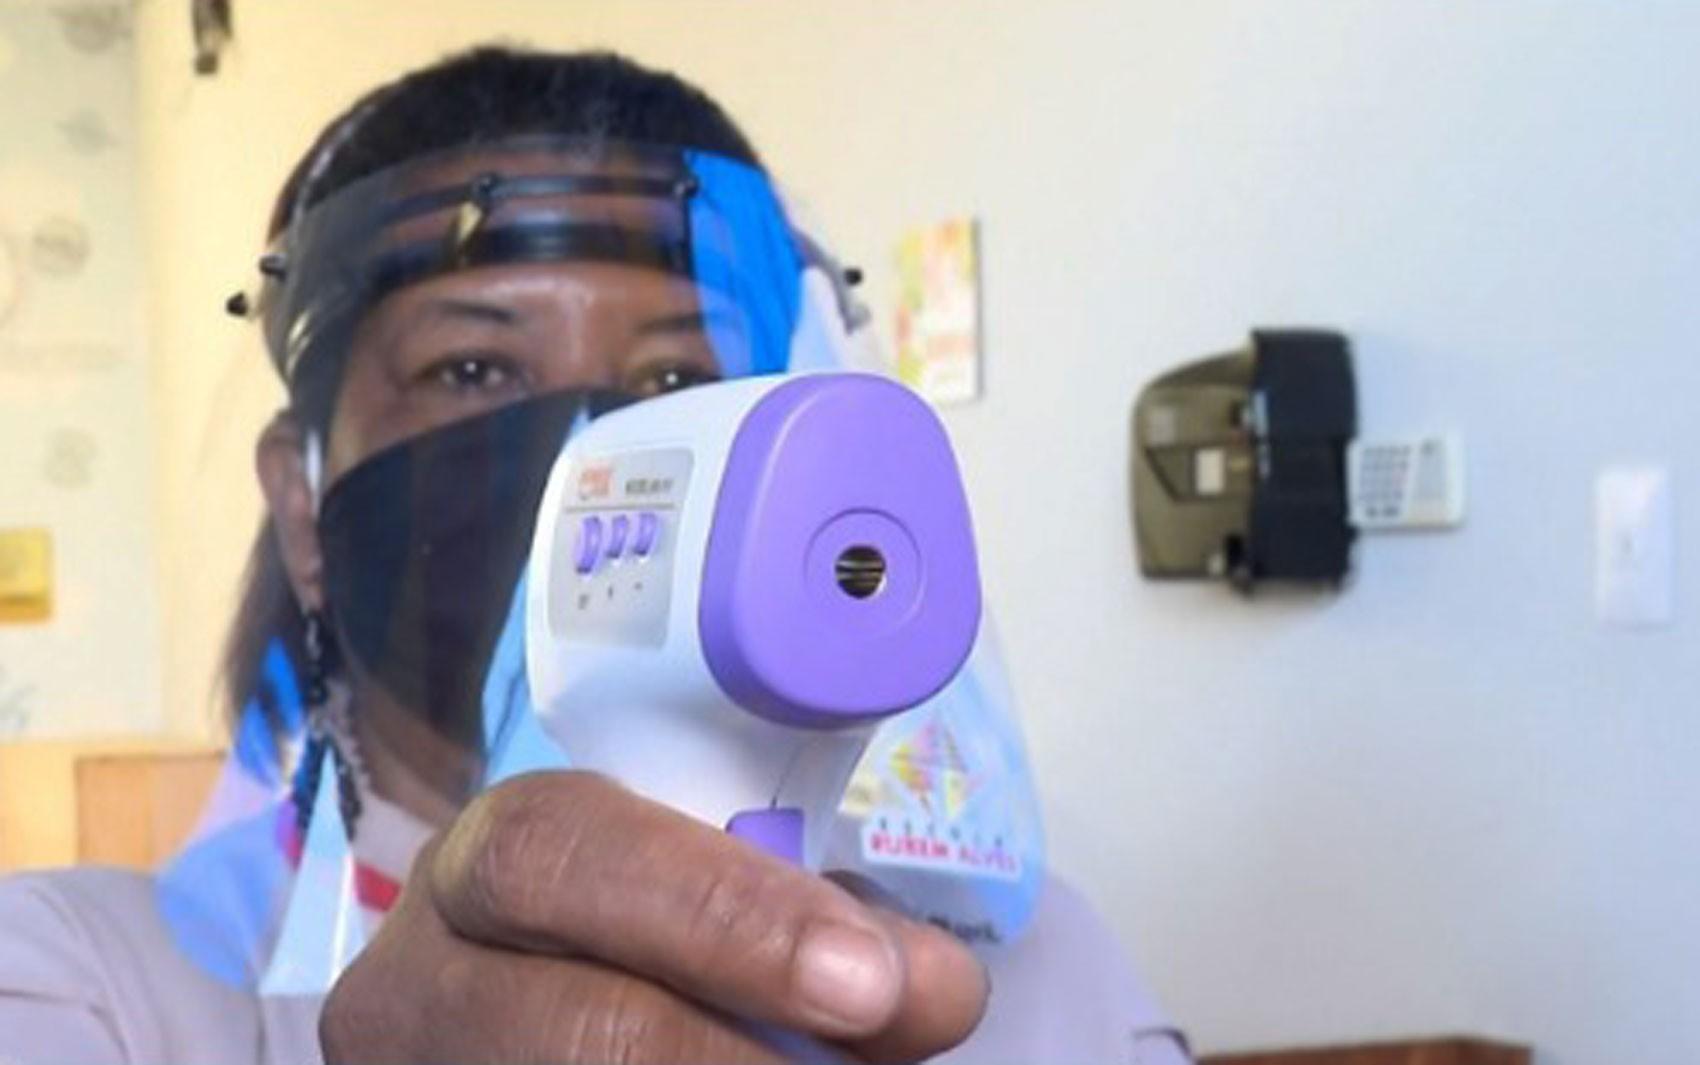 Casos de Covid-19 em Feira de Santana passam de 22 mil; veja lista de bairros com maior nº de infectados